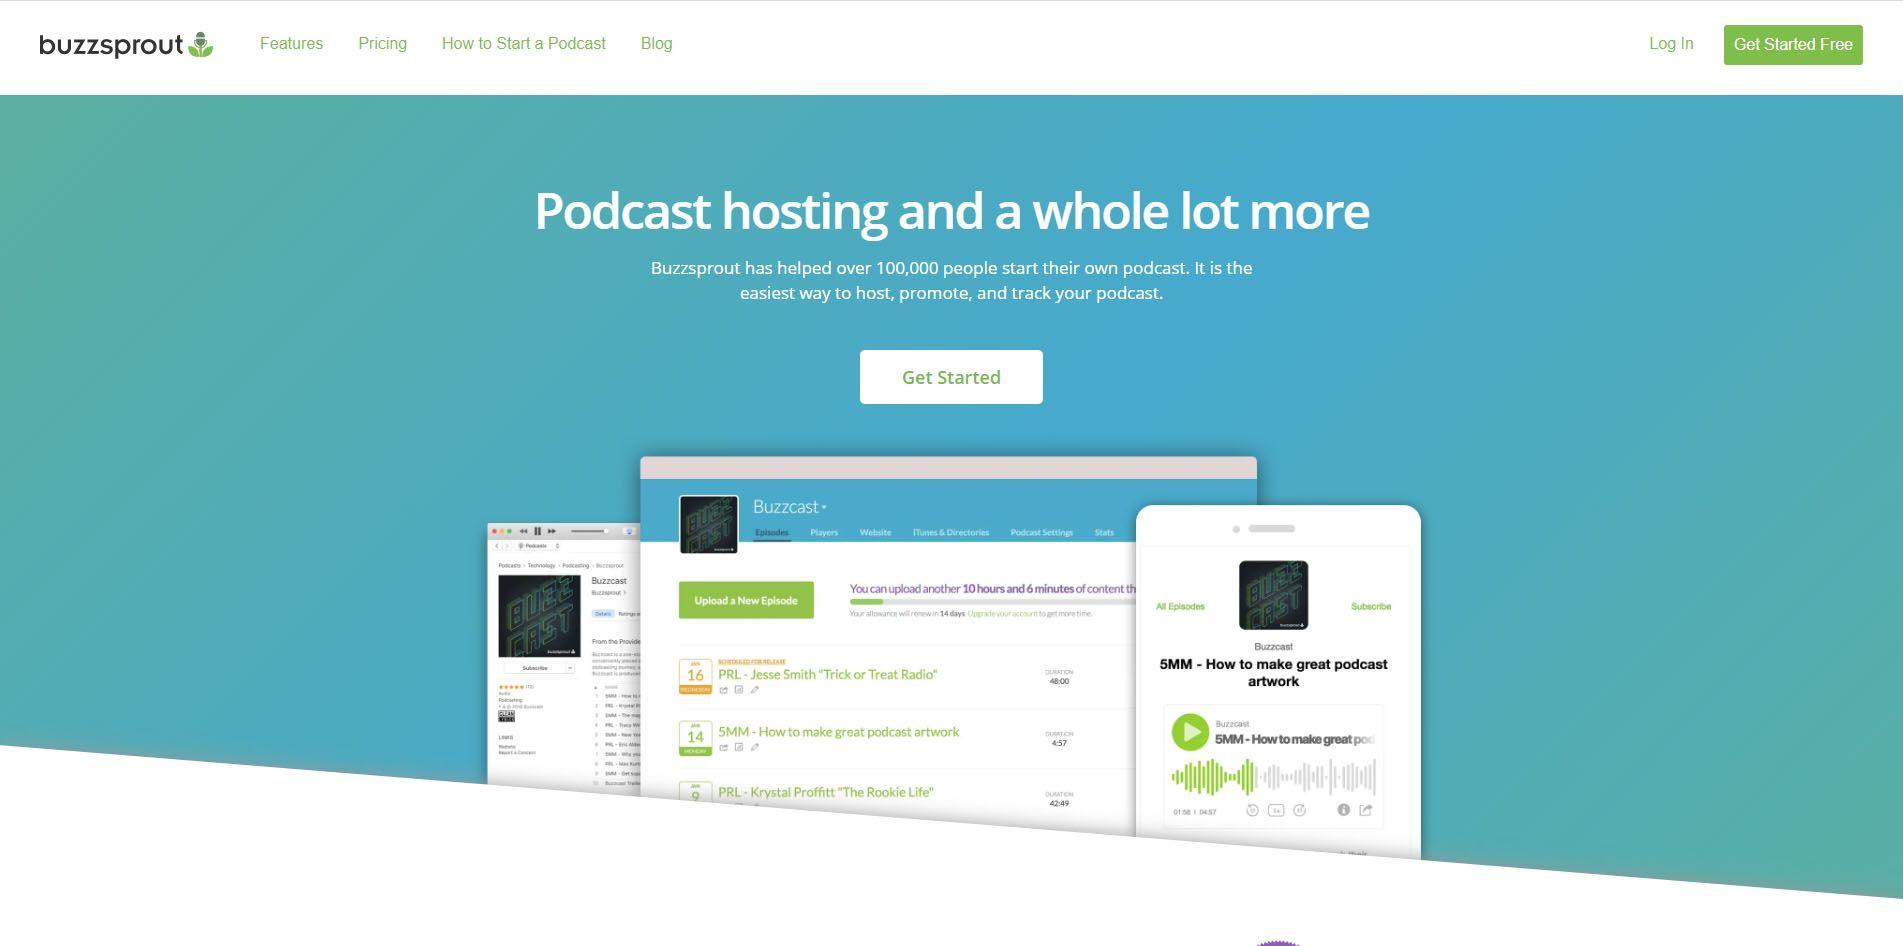 Buzzsprout website.